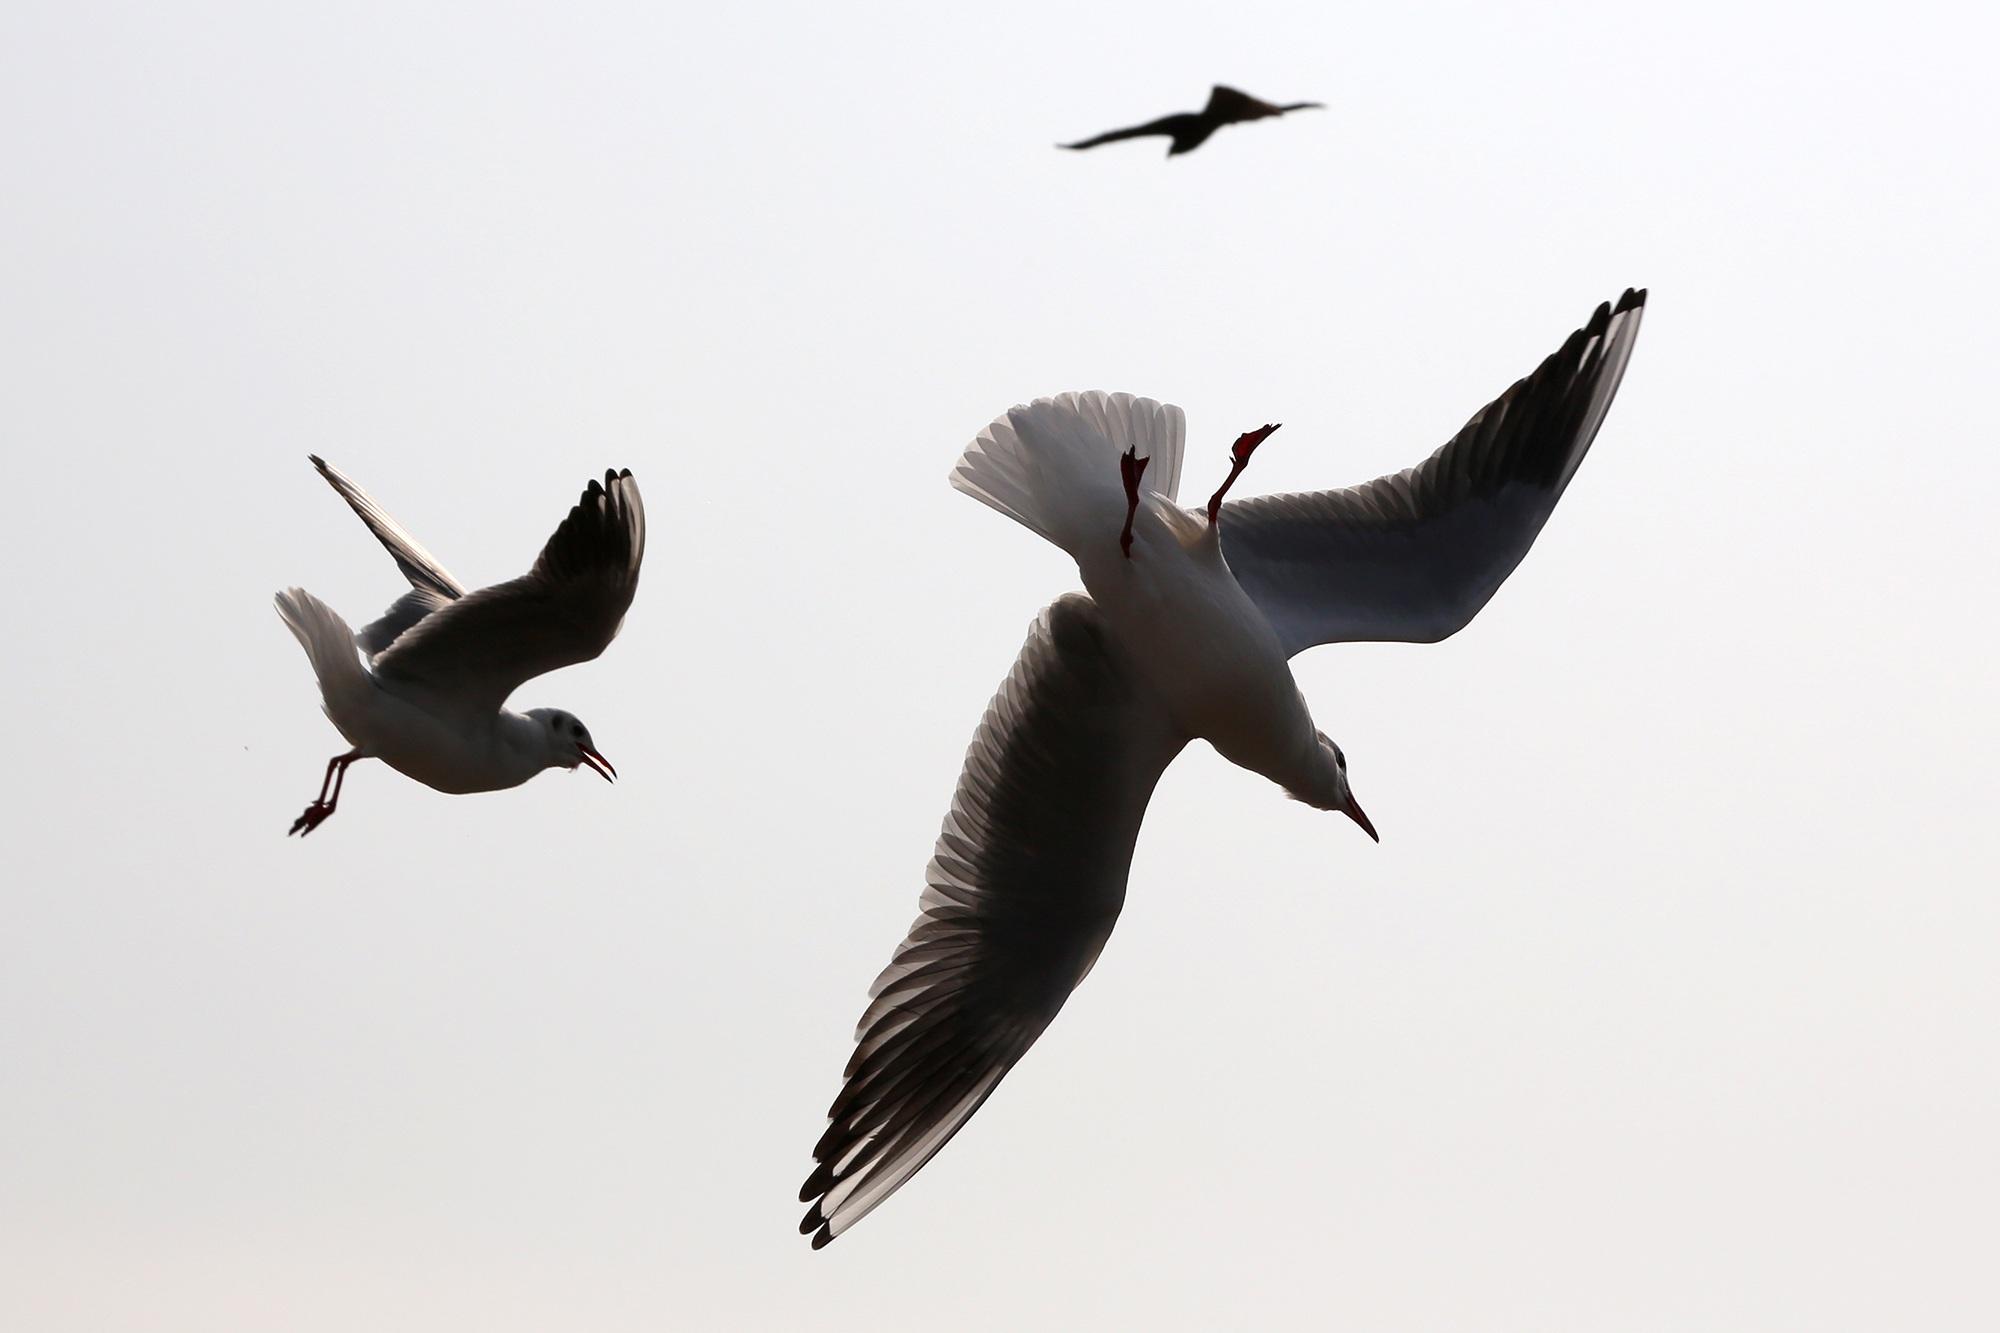 μεγάλο πουλί θαλάσσιο Ασιάτης/ισσα άνθρωπος σεξ